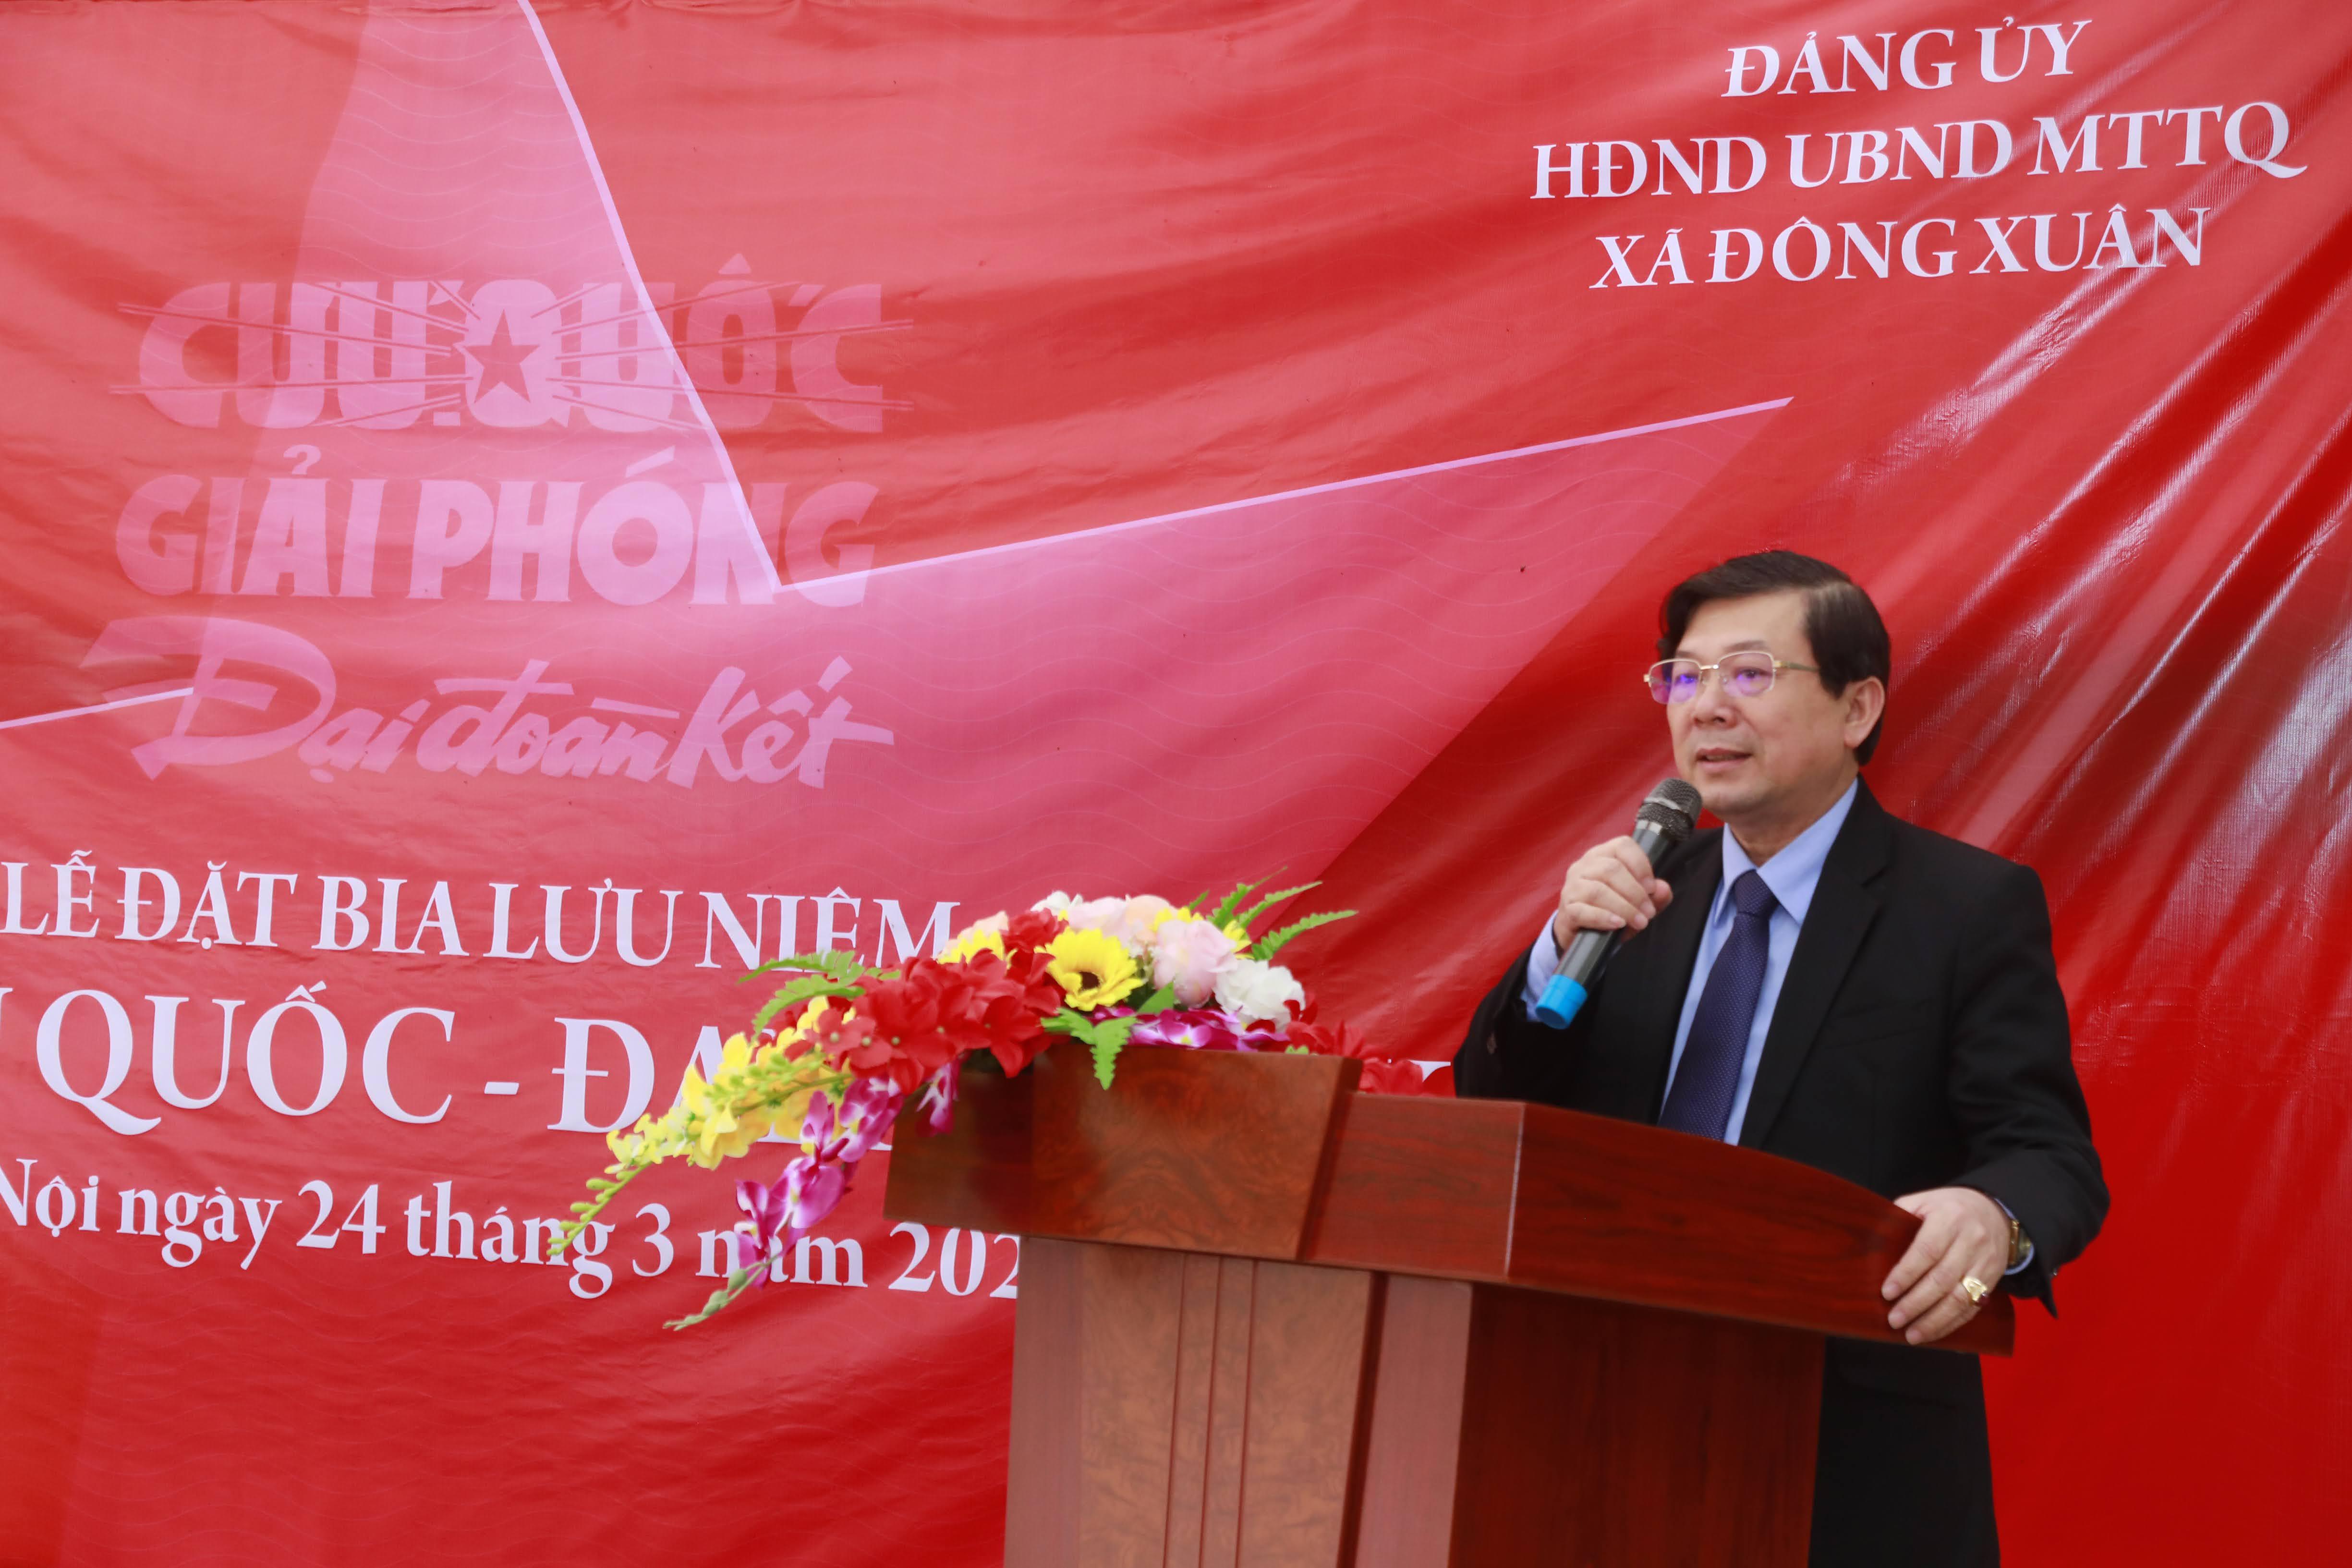 Phó Chủ tịch Nguyễn Hữu Dũng phát biểu tại buổi lễ.Ảnh: Quang Vinh.